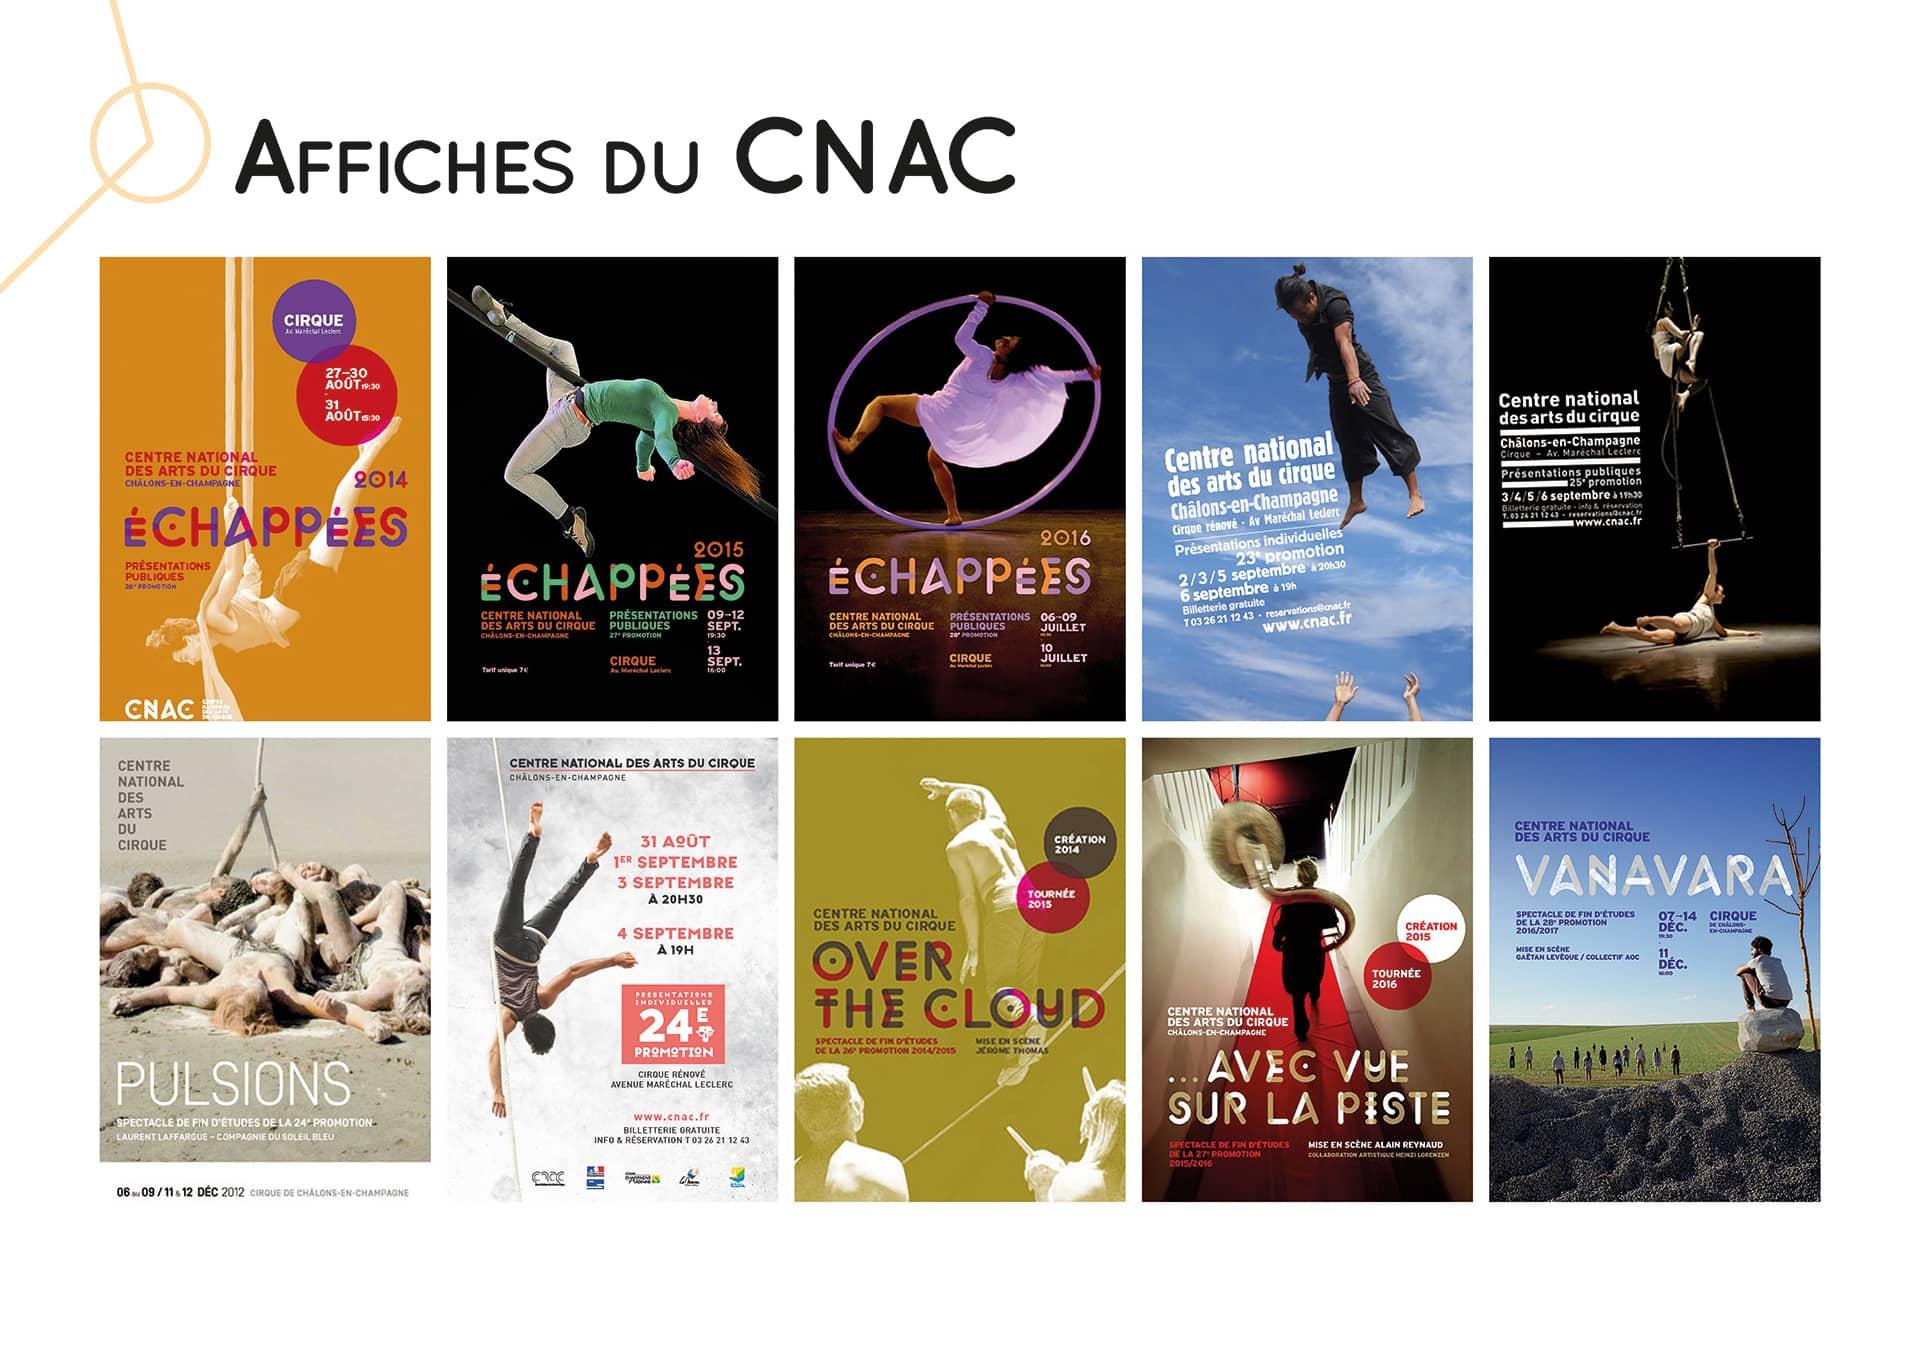 Affiches du CNAC